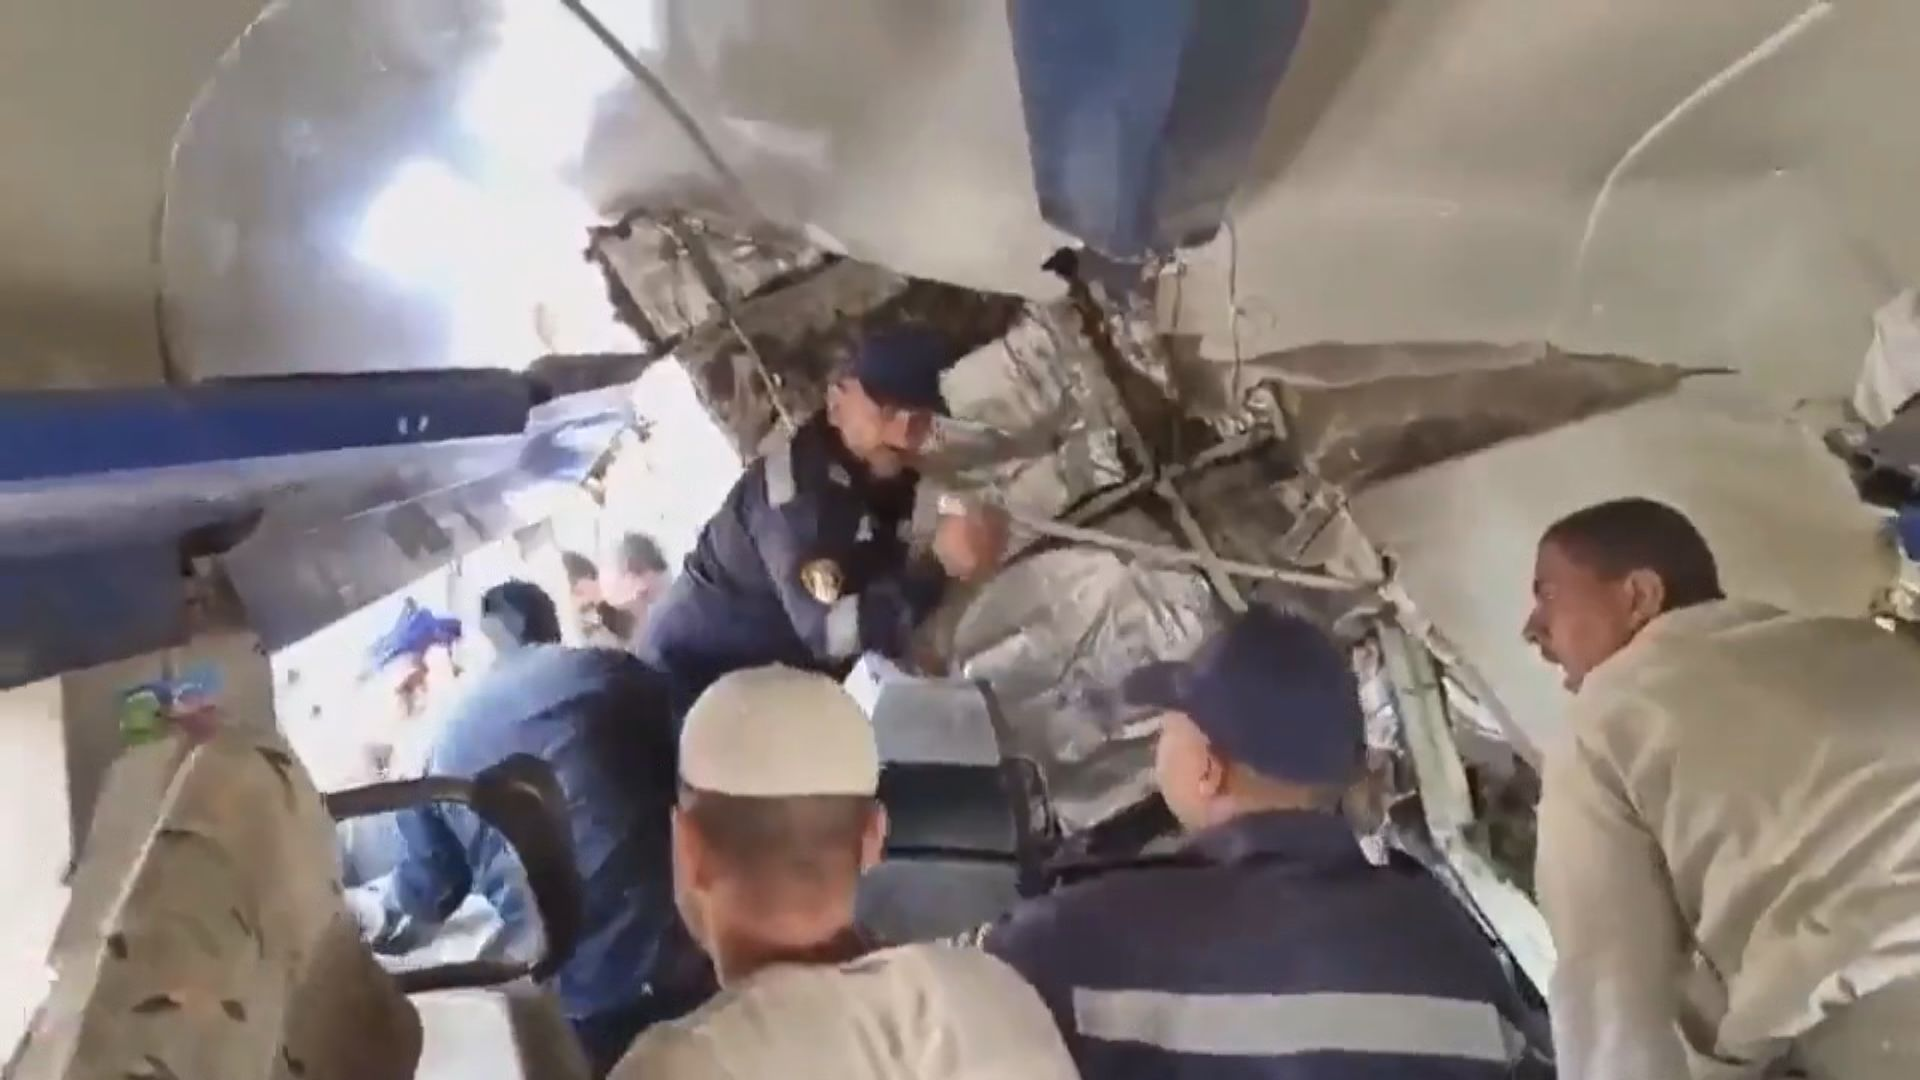 埃及火車相撞釀過百死傷 當局成立委員會調查起因